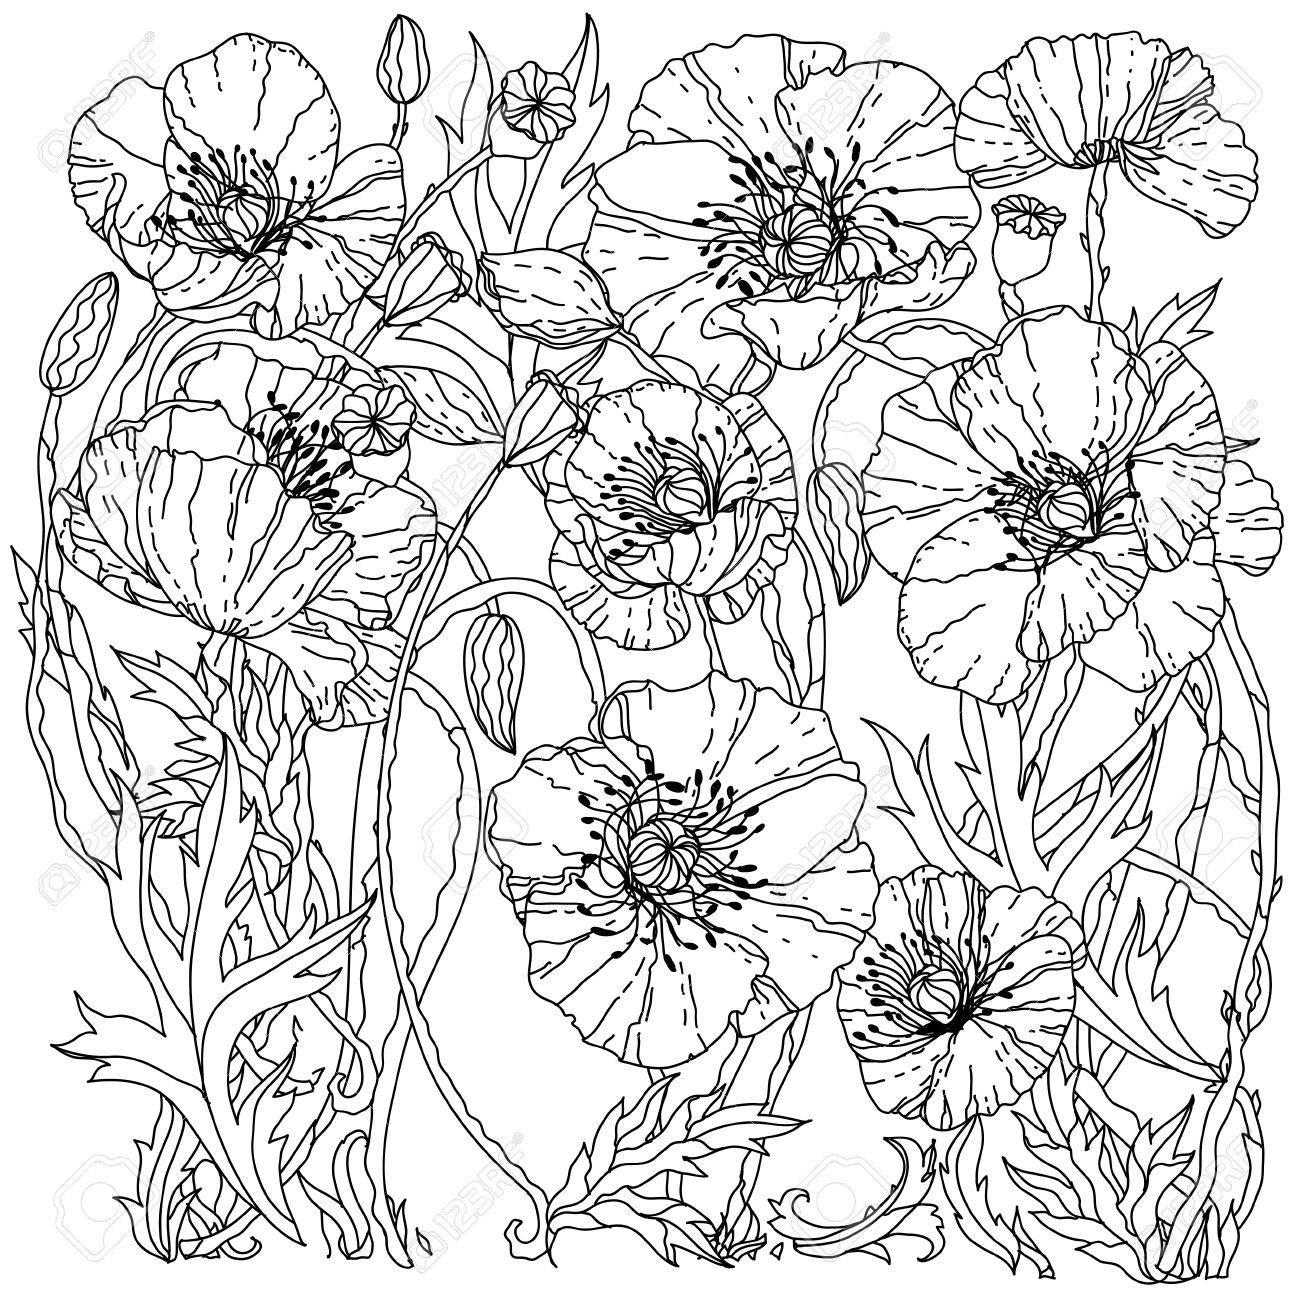 Amapolas De Campo Patrón De Primavera Para Colorear Libro Para Adultos En Estilo Zenart Dibujado A Mano Retro Vector Sin Colorear El Mejor Para